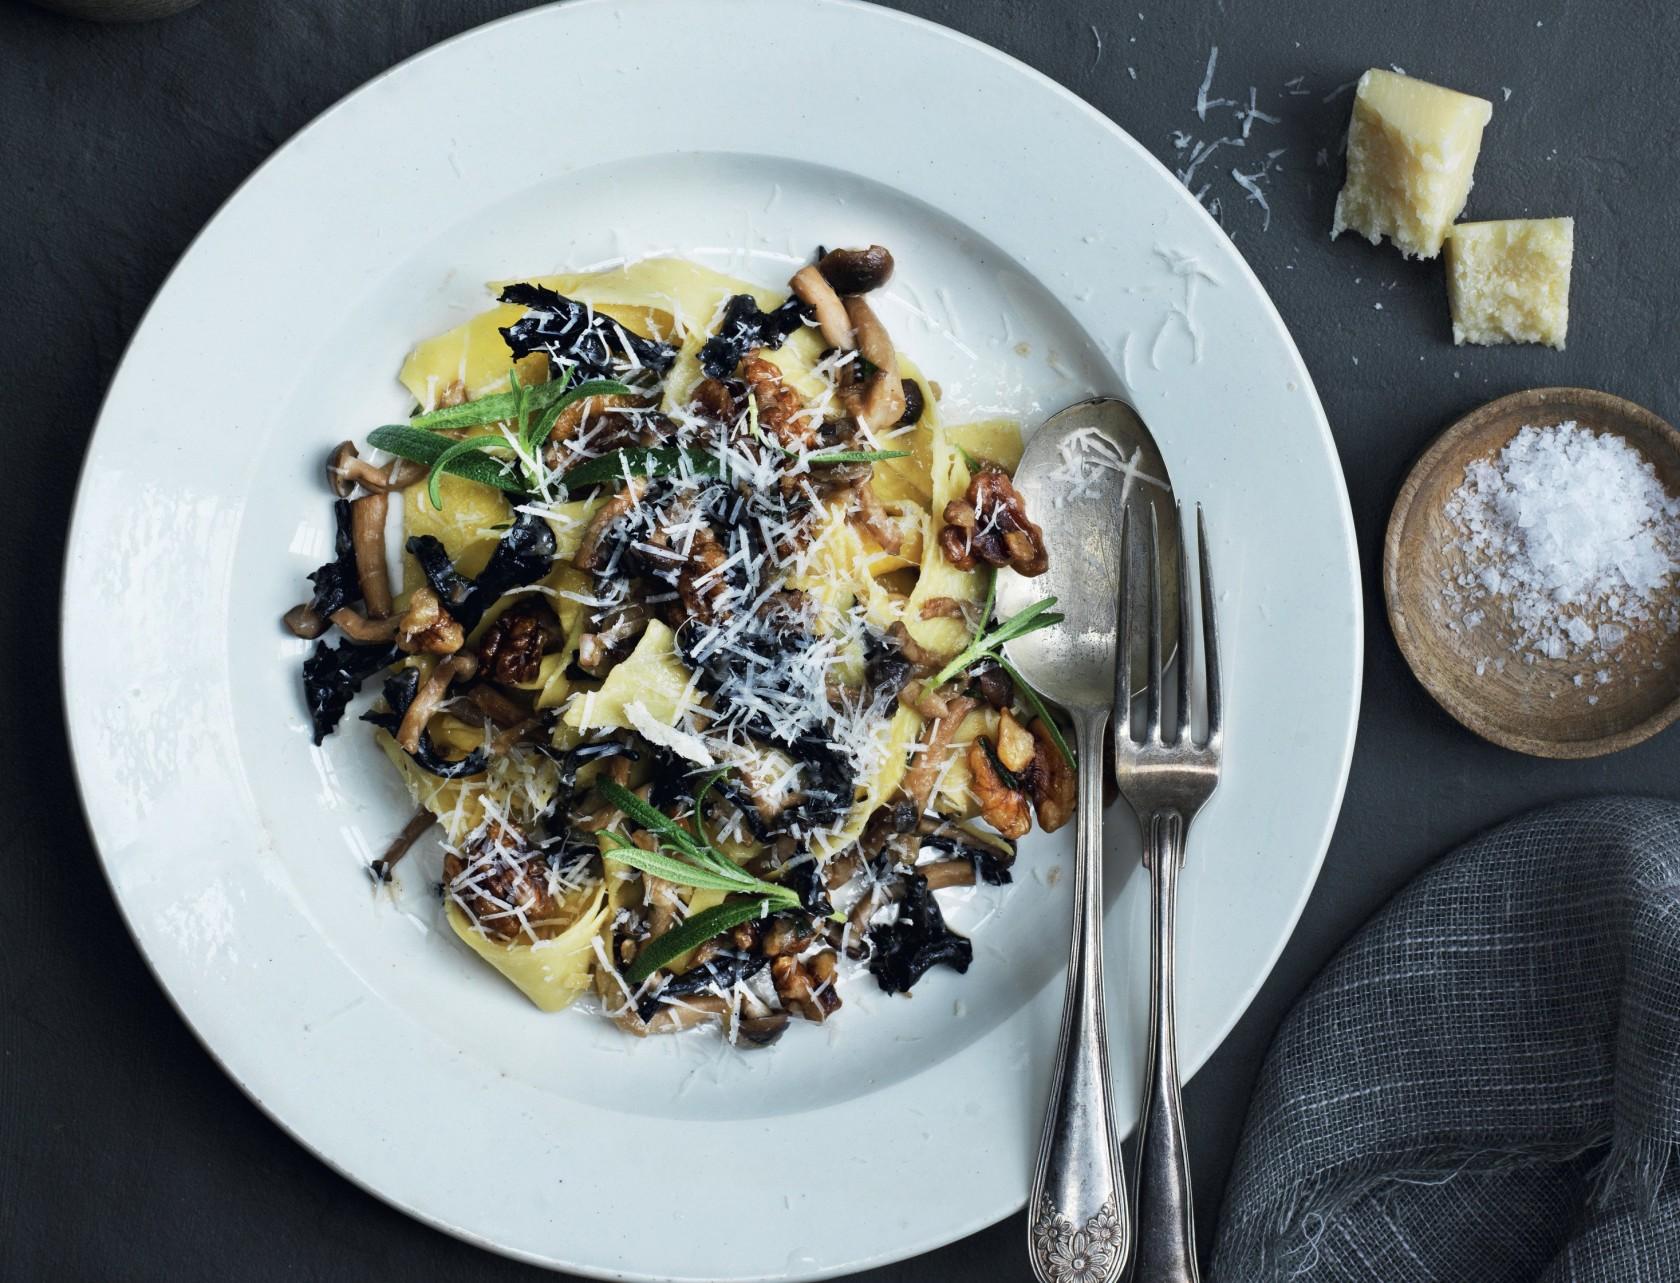 Pappardelle med svampe, valnødder og rosmarin - lækker opskrift på italiensk pastaret.